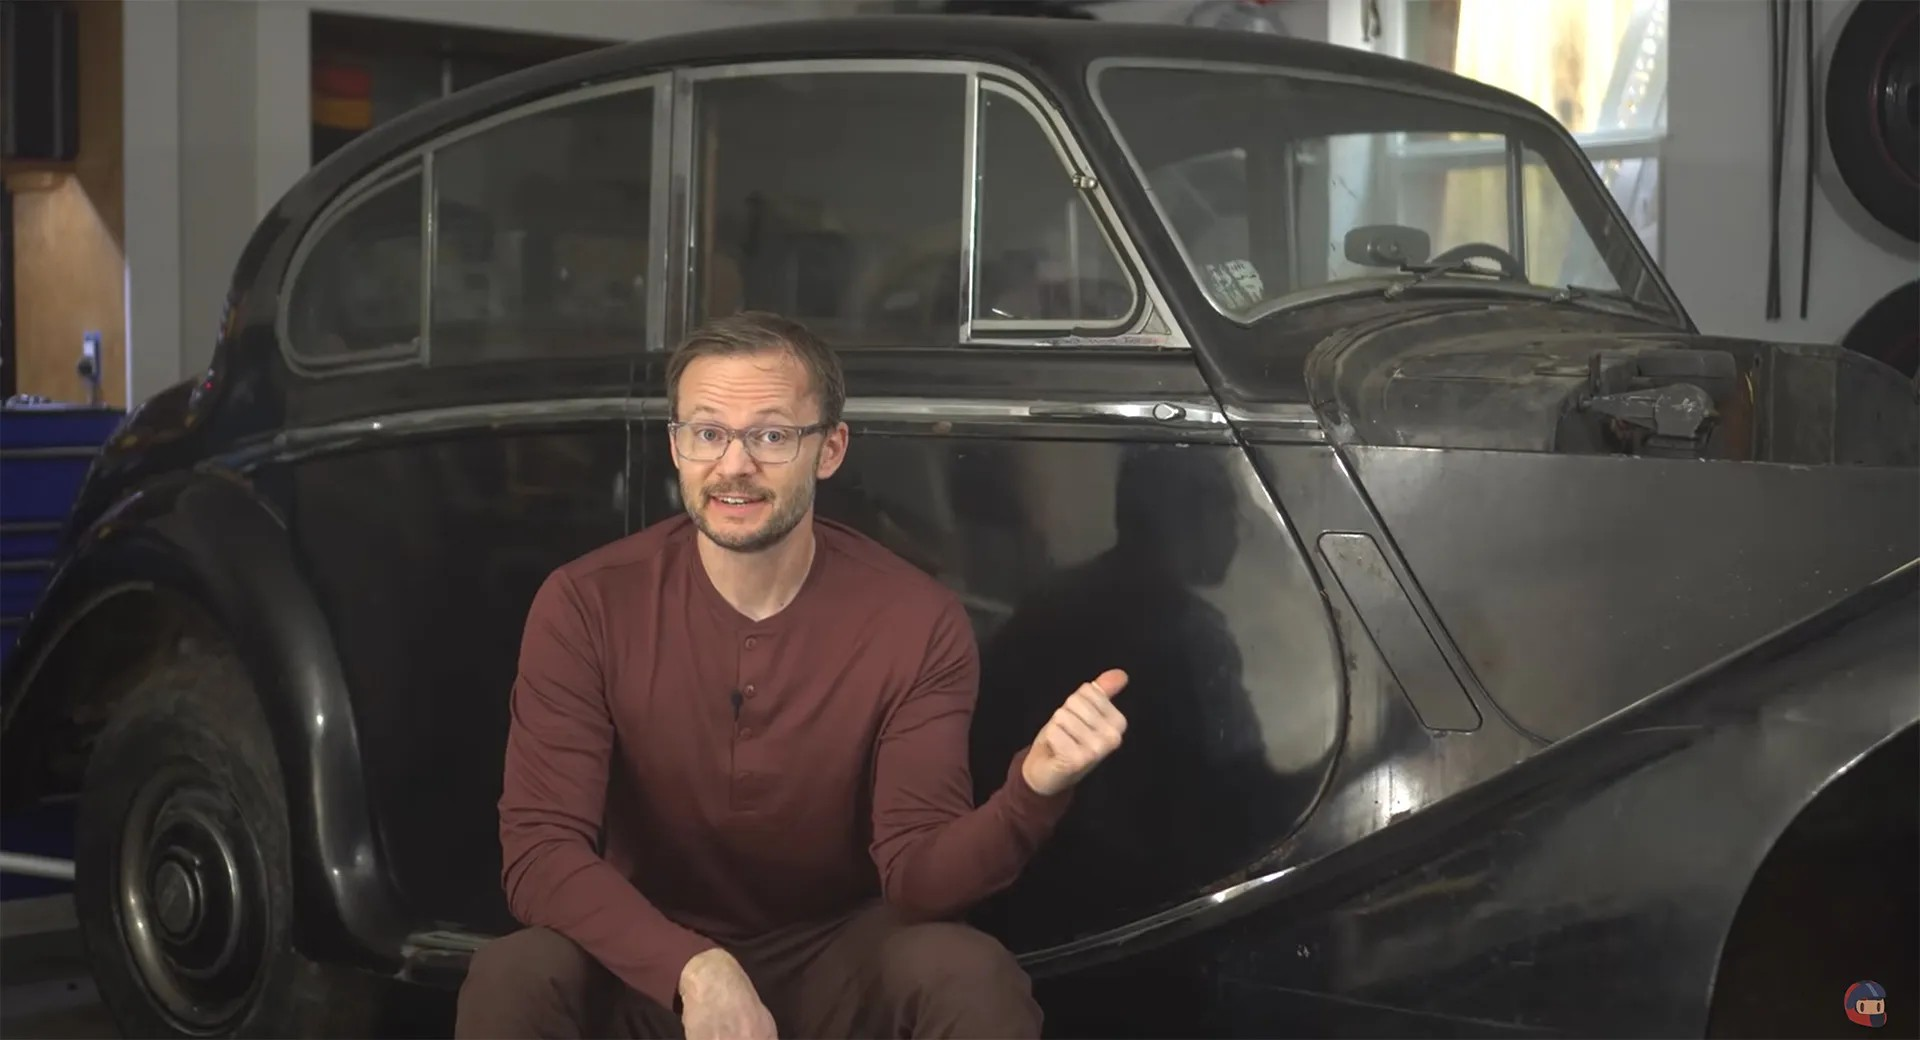 Видеоблогер SuperfastMatt вознамерился перевести винтажный Jaguar Mark V образца начала 1950-х годов на электротягу. В качестве мотора будет использован агрегат из Tesla Model 3.